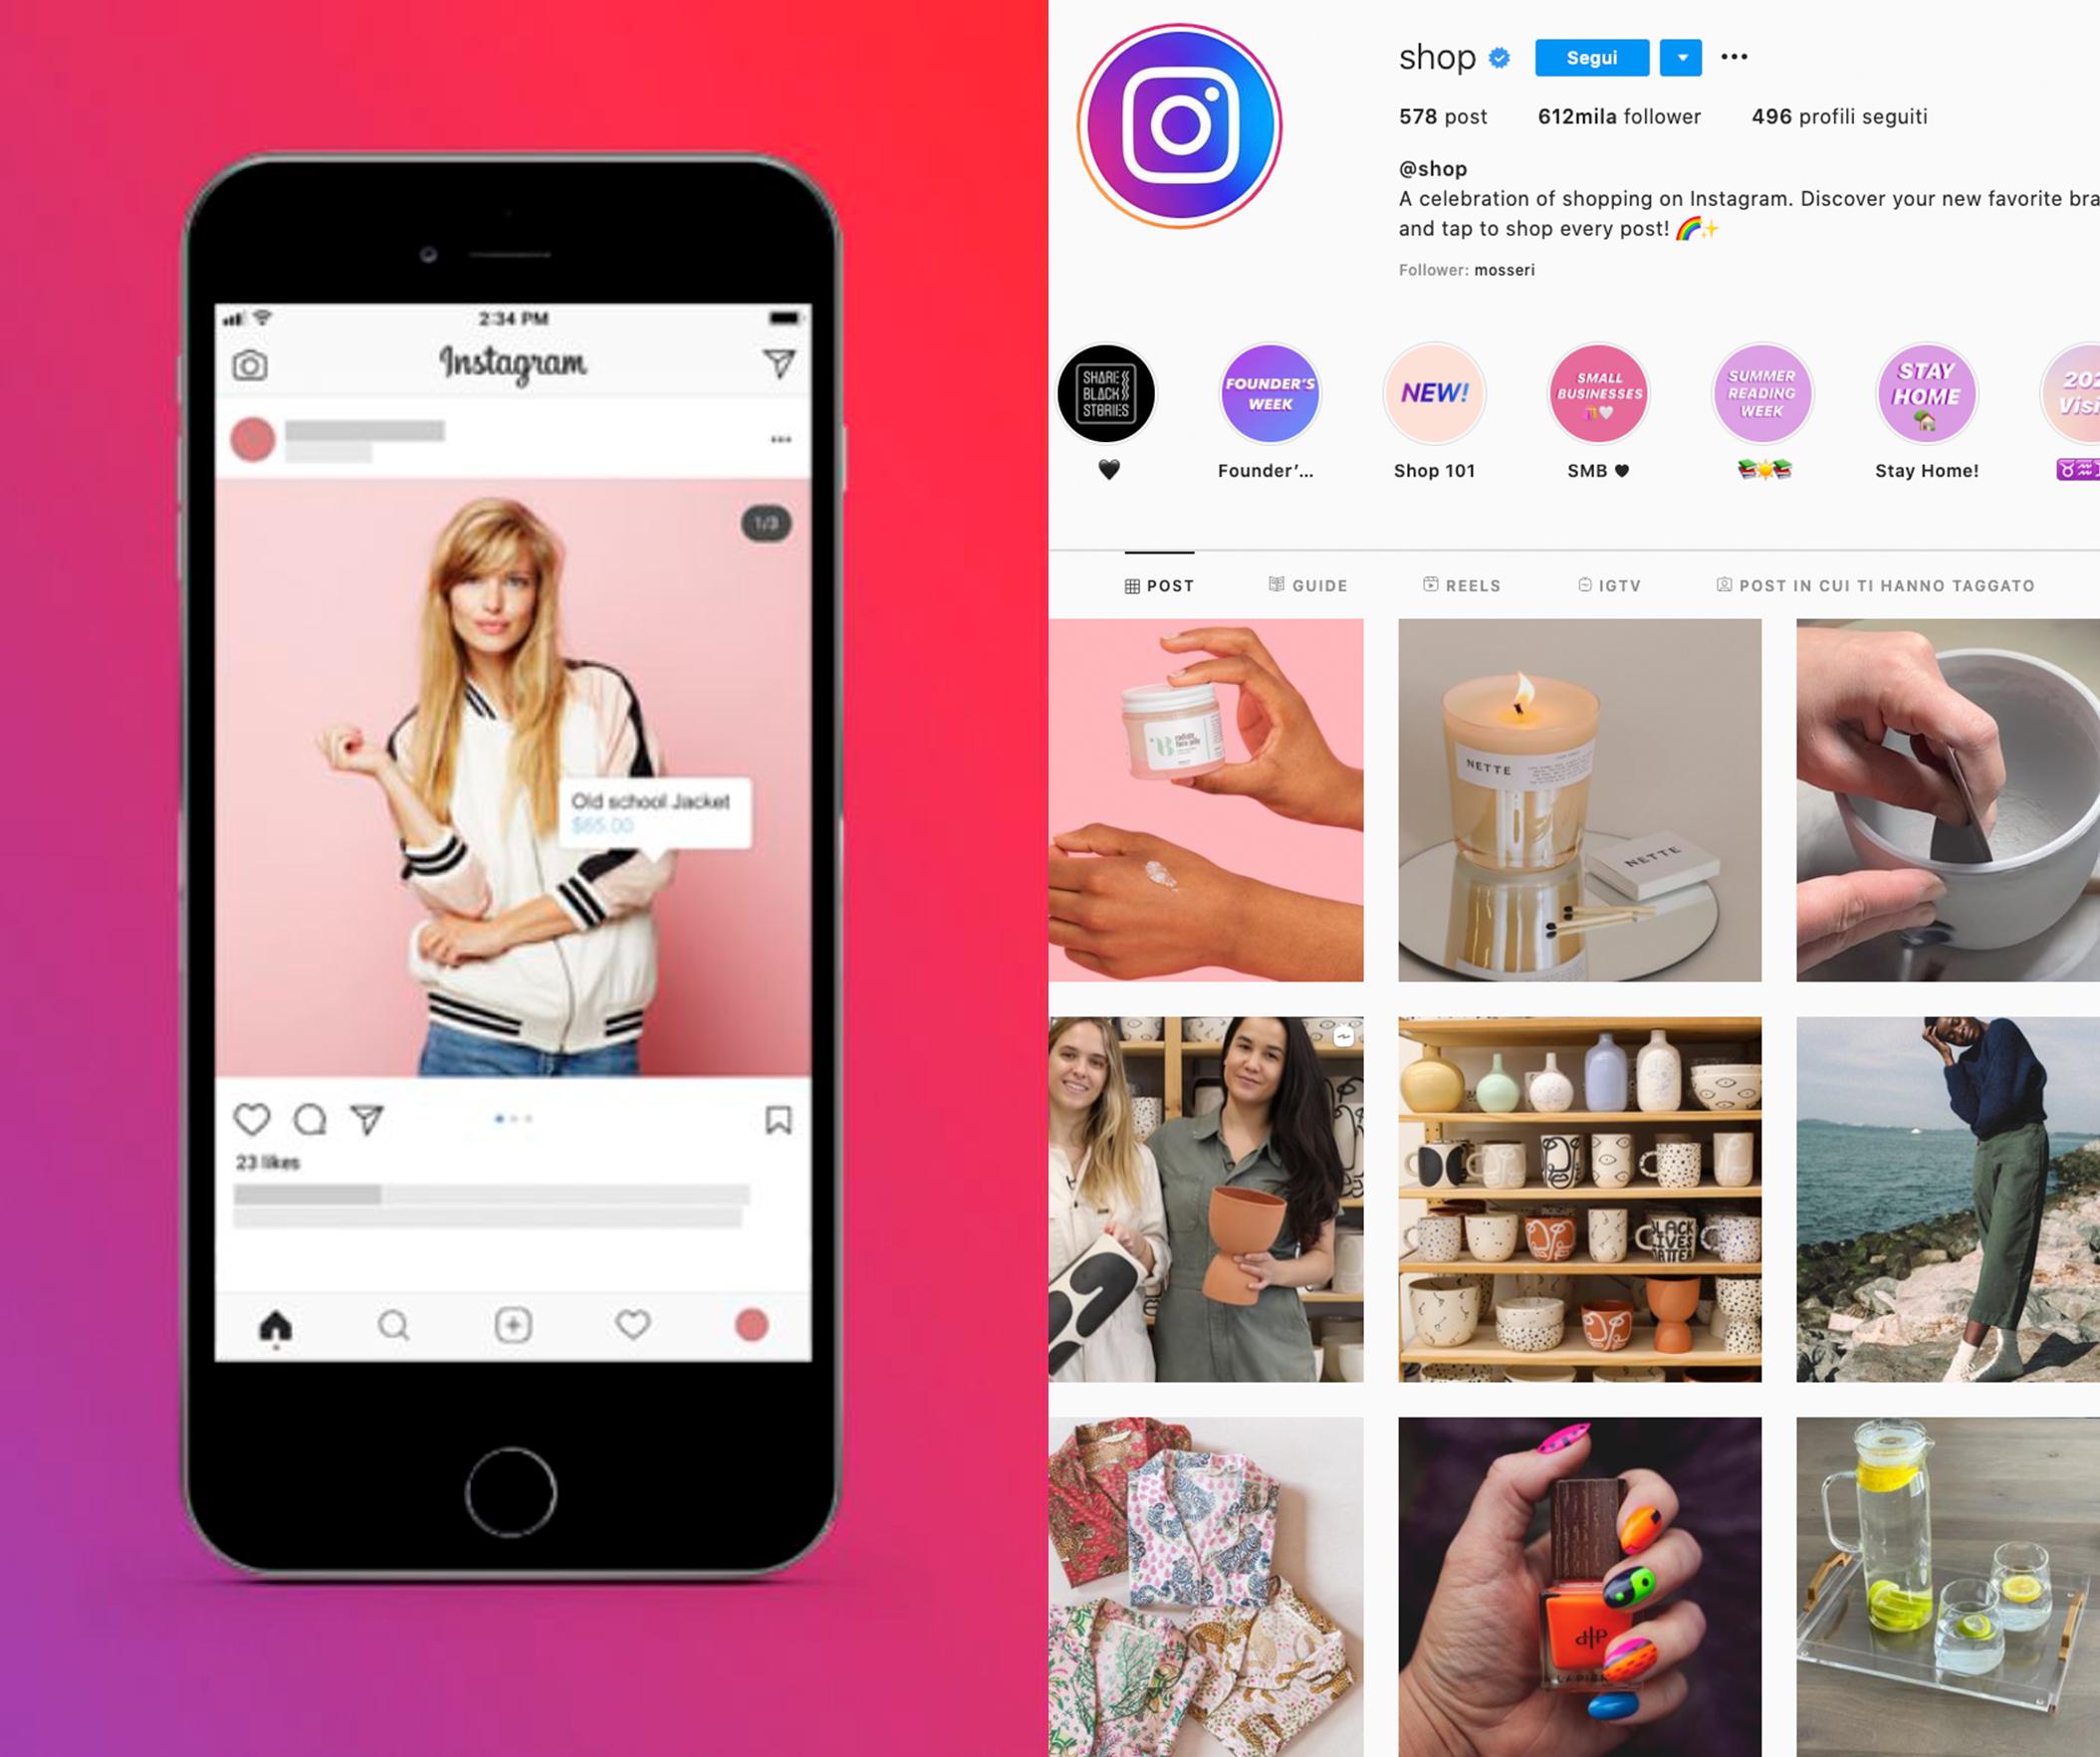 Fai conoscere la tua piccola impresa sui social media